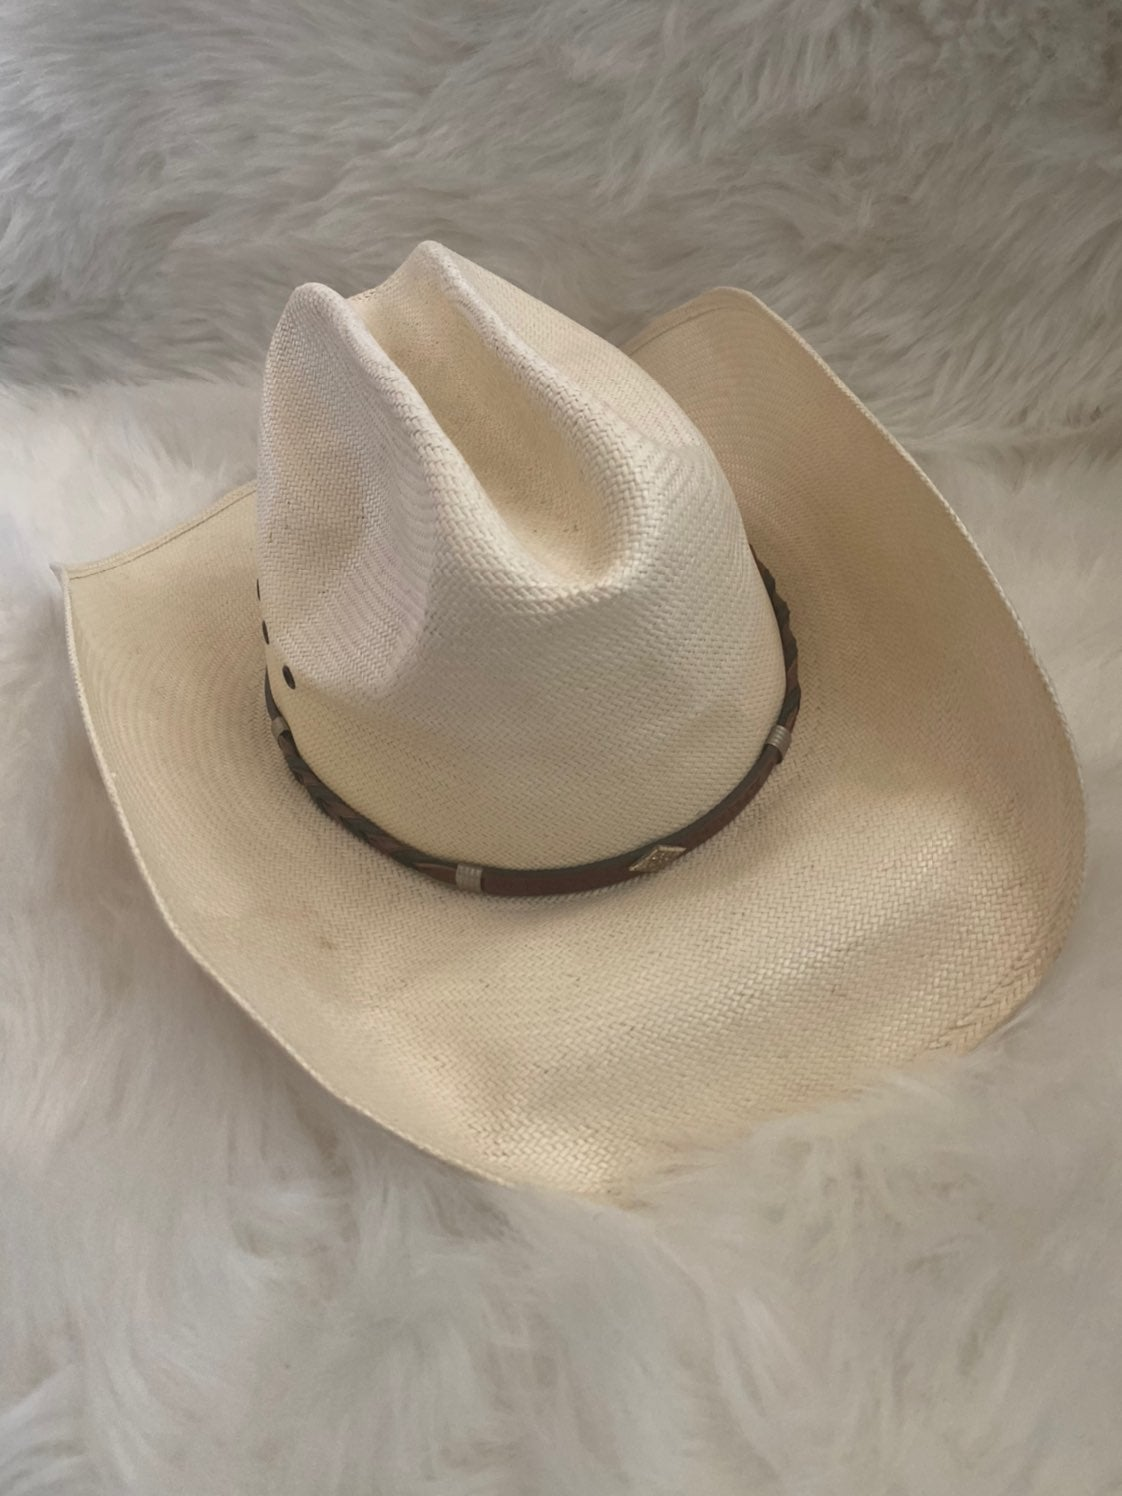 Resistol beige cowboy hat w/ lether band